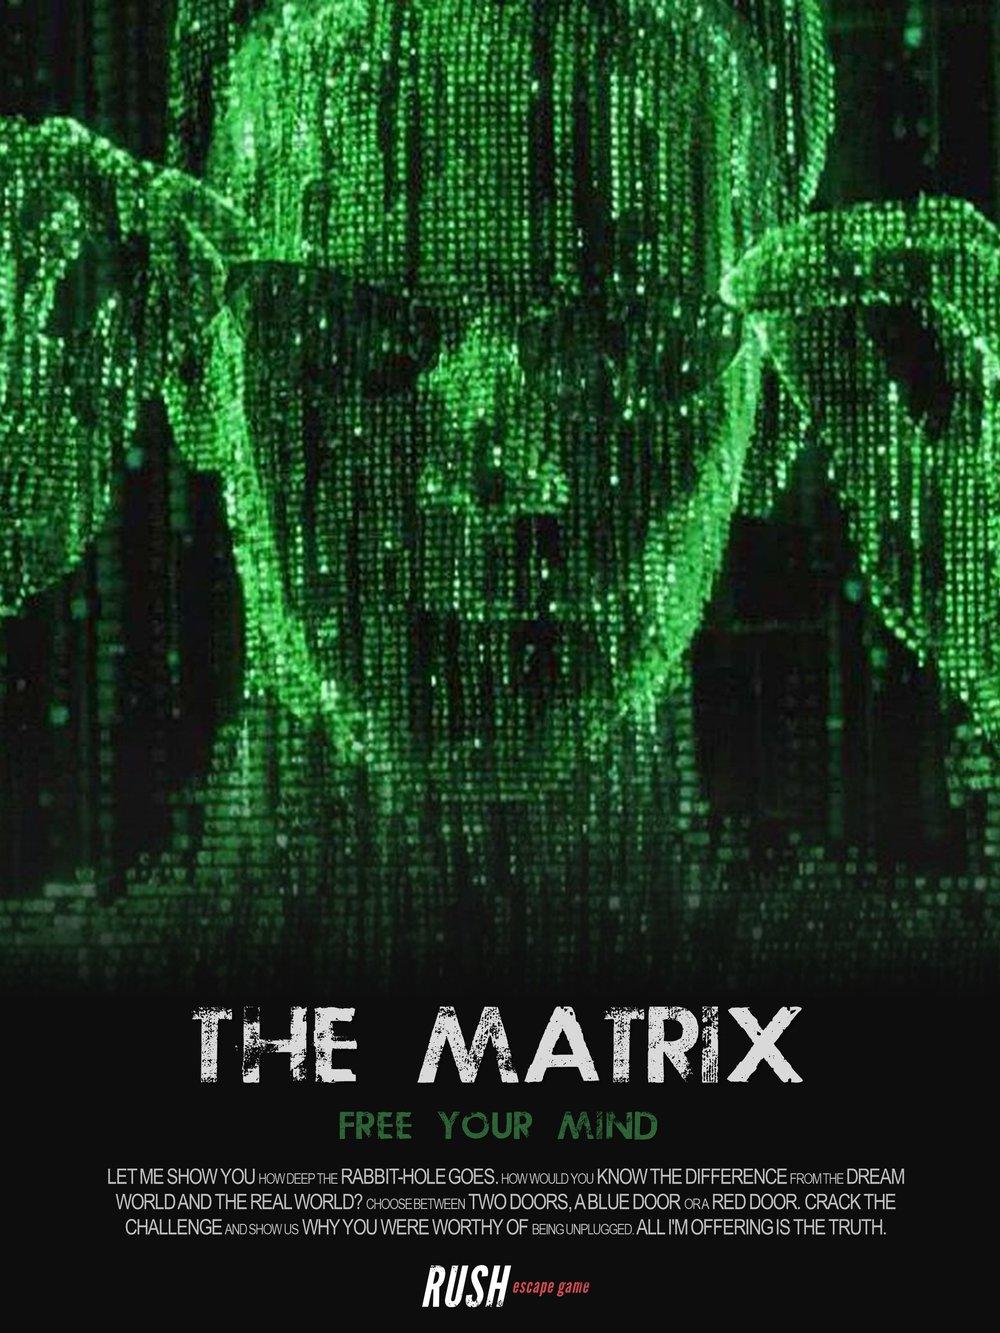 Escape Room Melbourne - Rush Escape Game - The Matrix.jpg